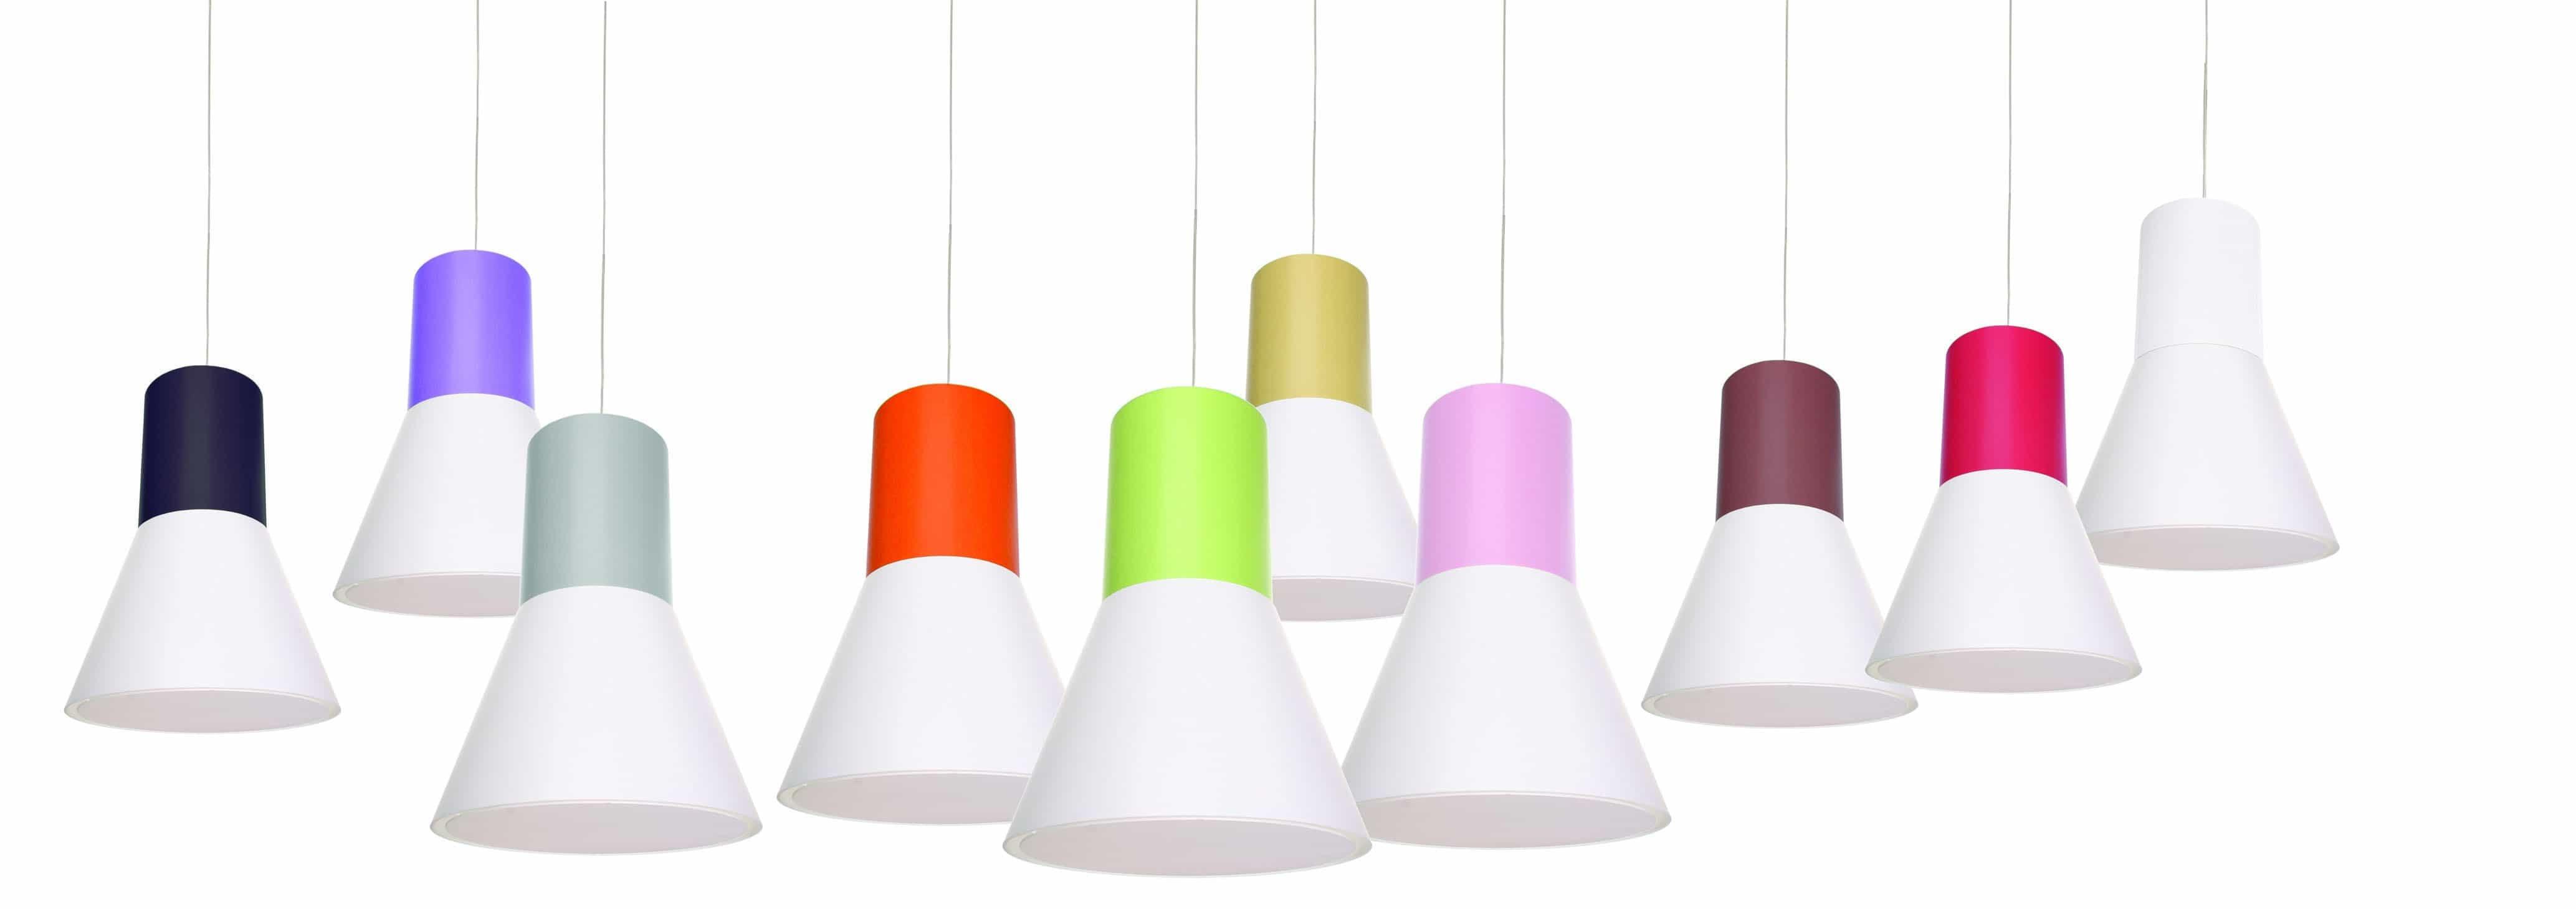 Lampadari colorati design miss - Lampadari colorati design ...